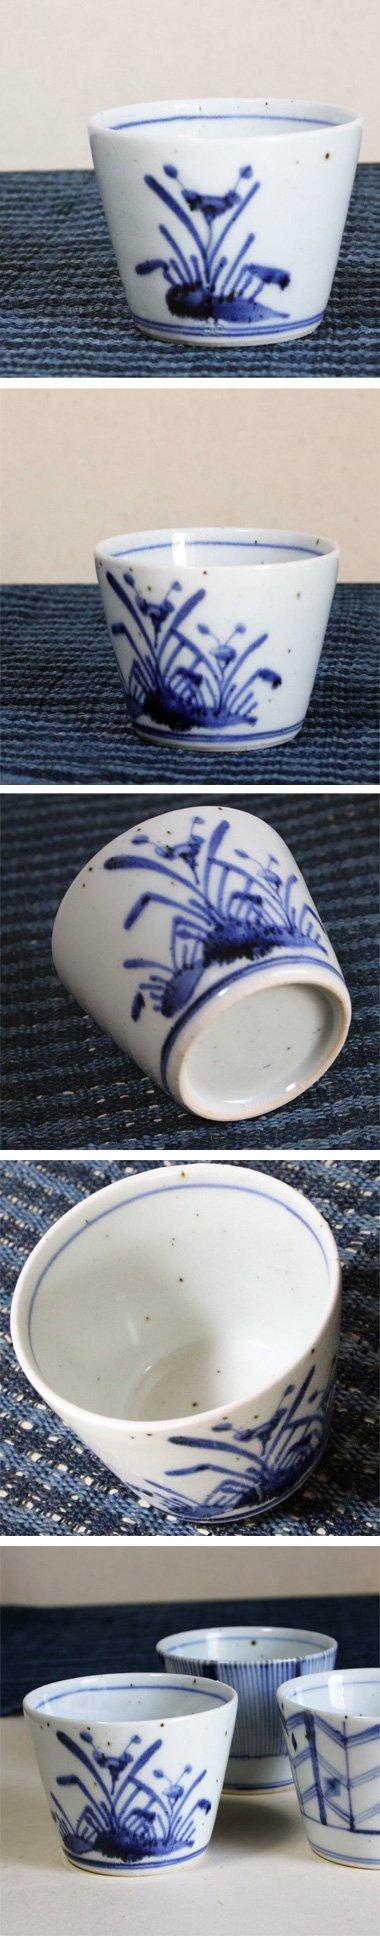 中田窯,径約8.8cm×高約7cm,磁器(鉄入)